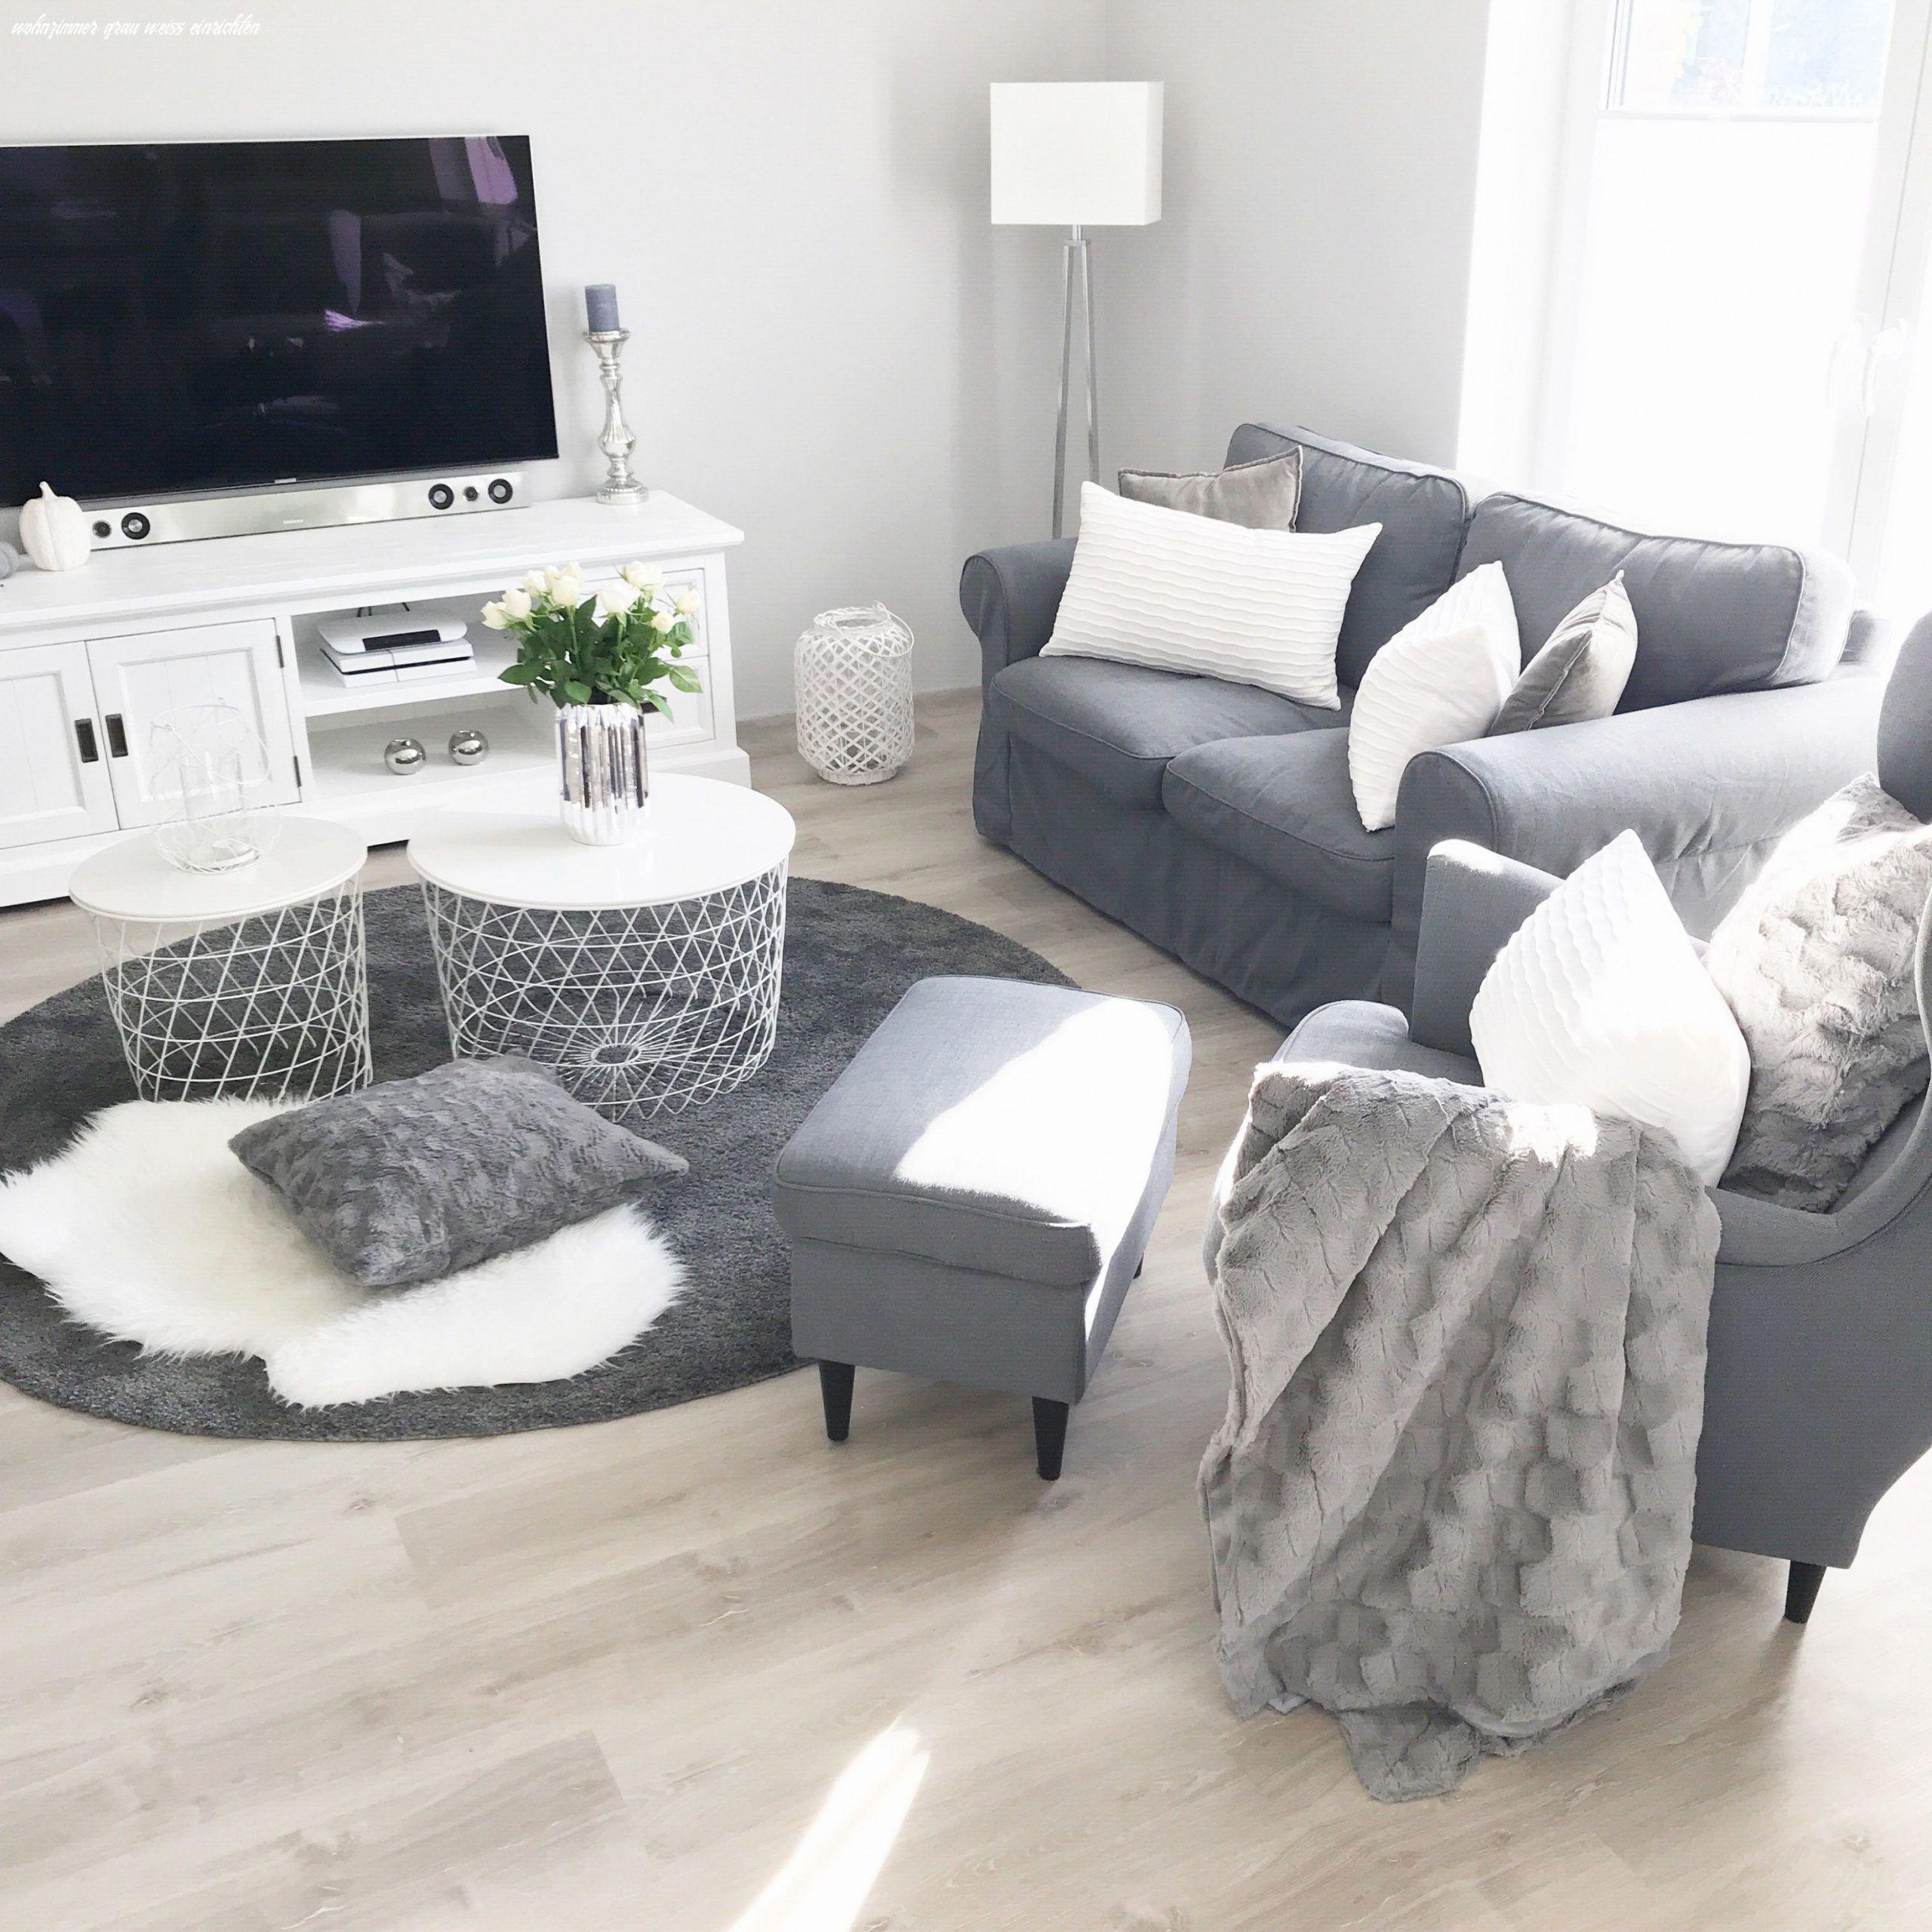 Wie Wird Wohnzimmer Grau Weiss Einrichten In Zukunft Sein?